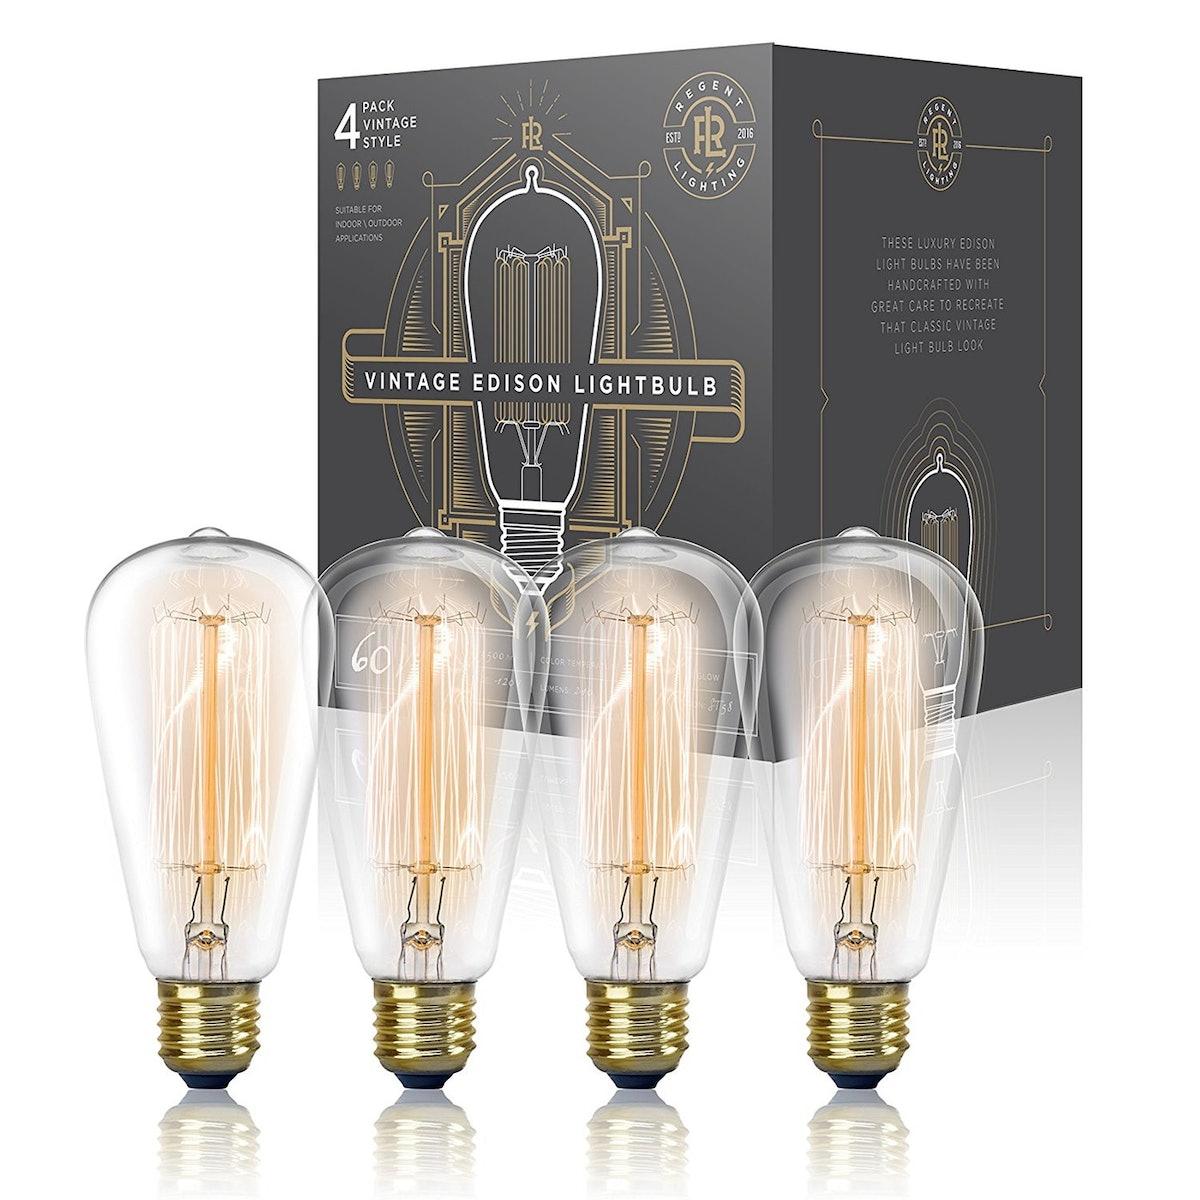 Vintage Edison Lightbulbs (4 Pack)